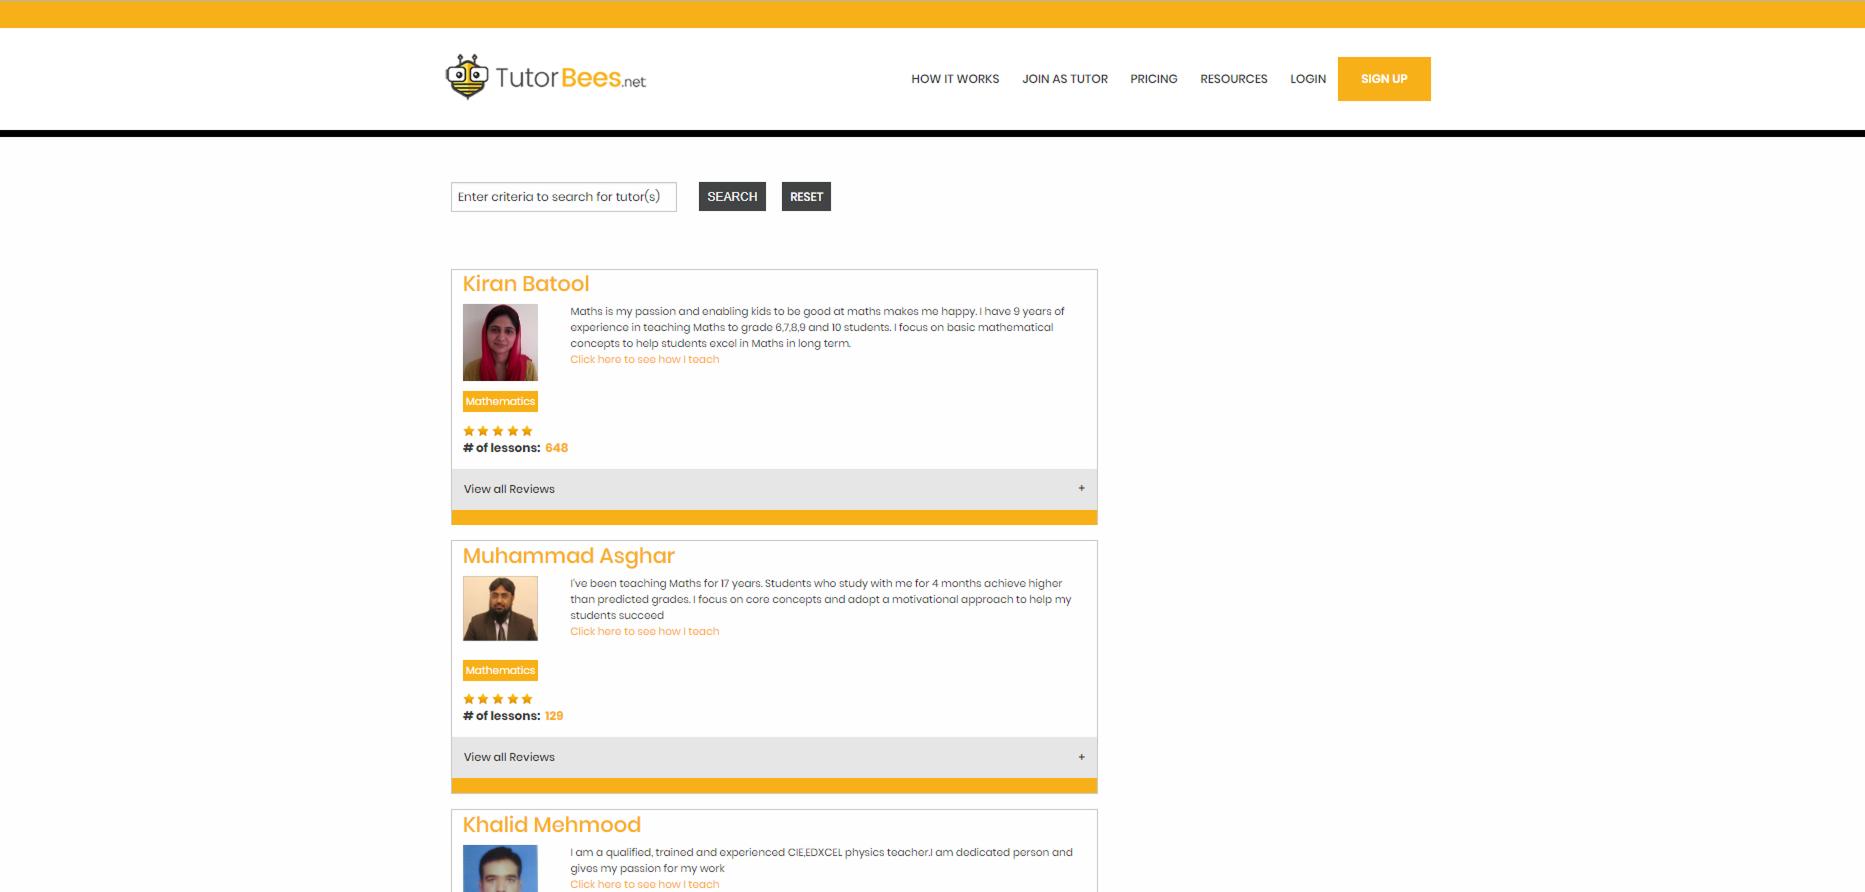 www.tutorbees.net